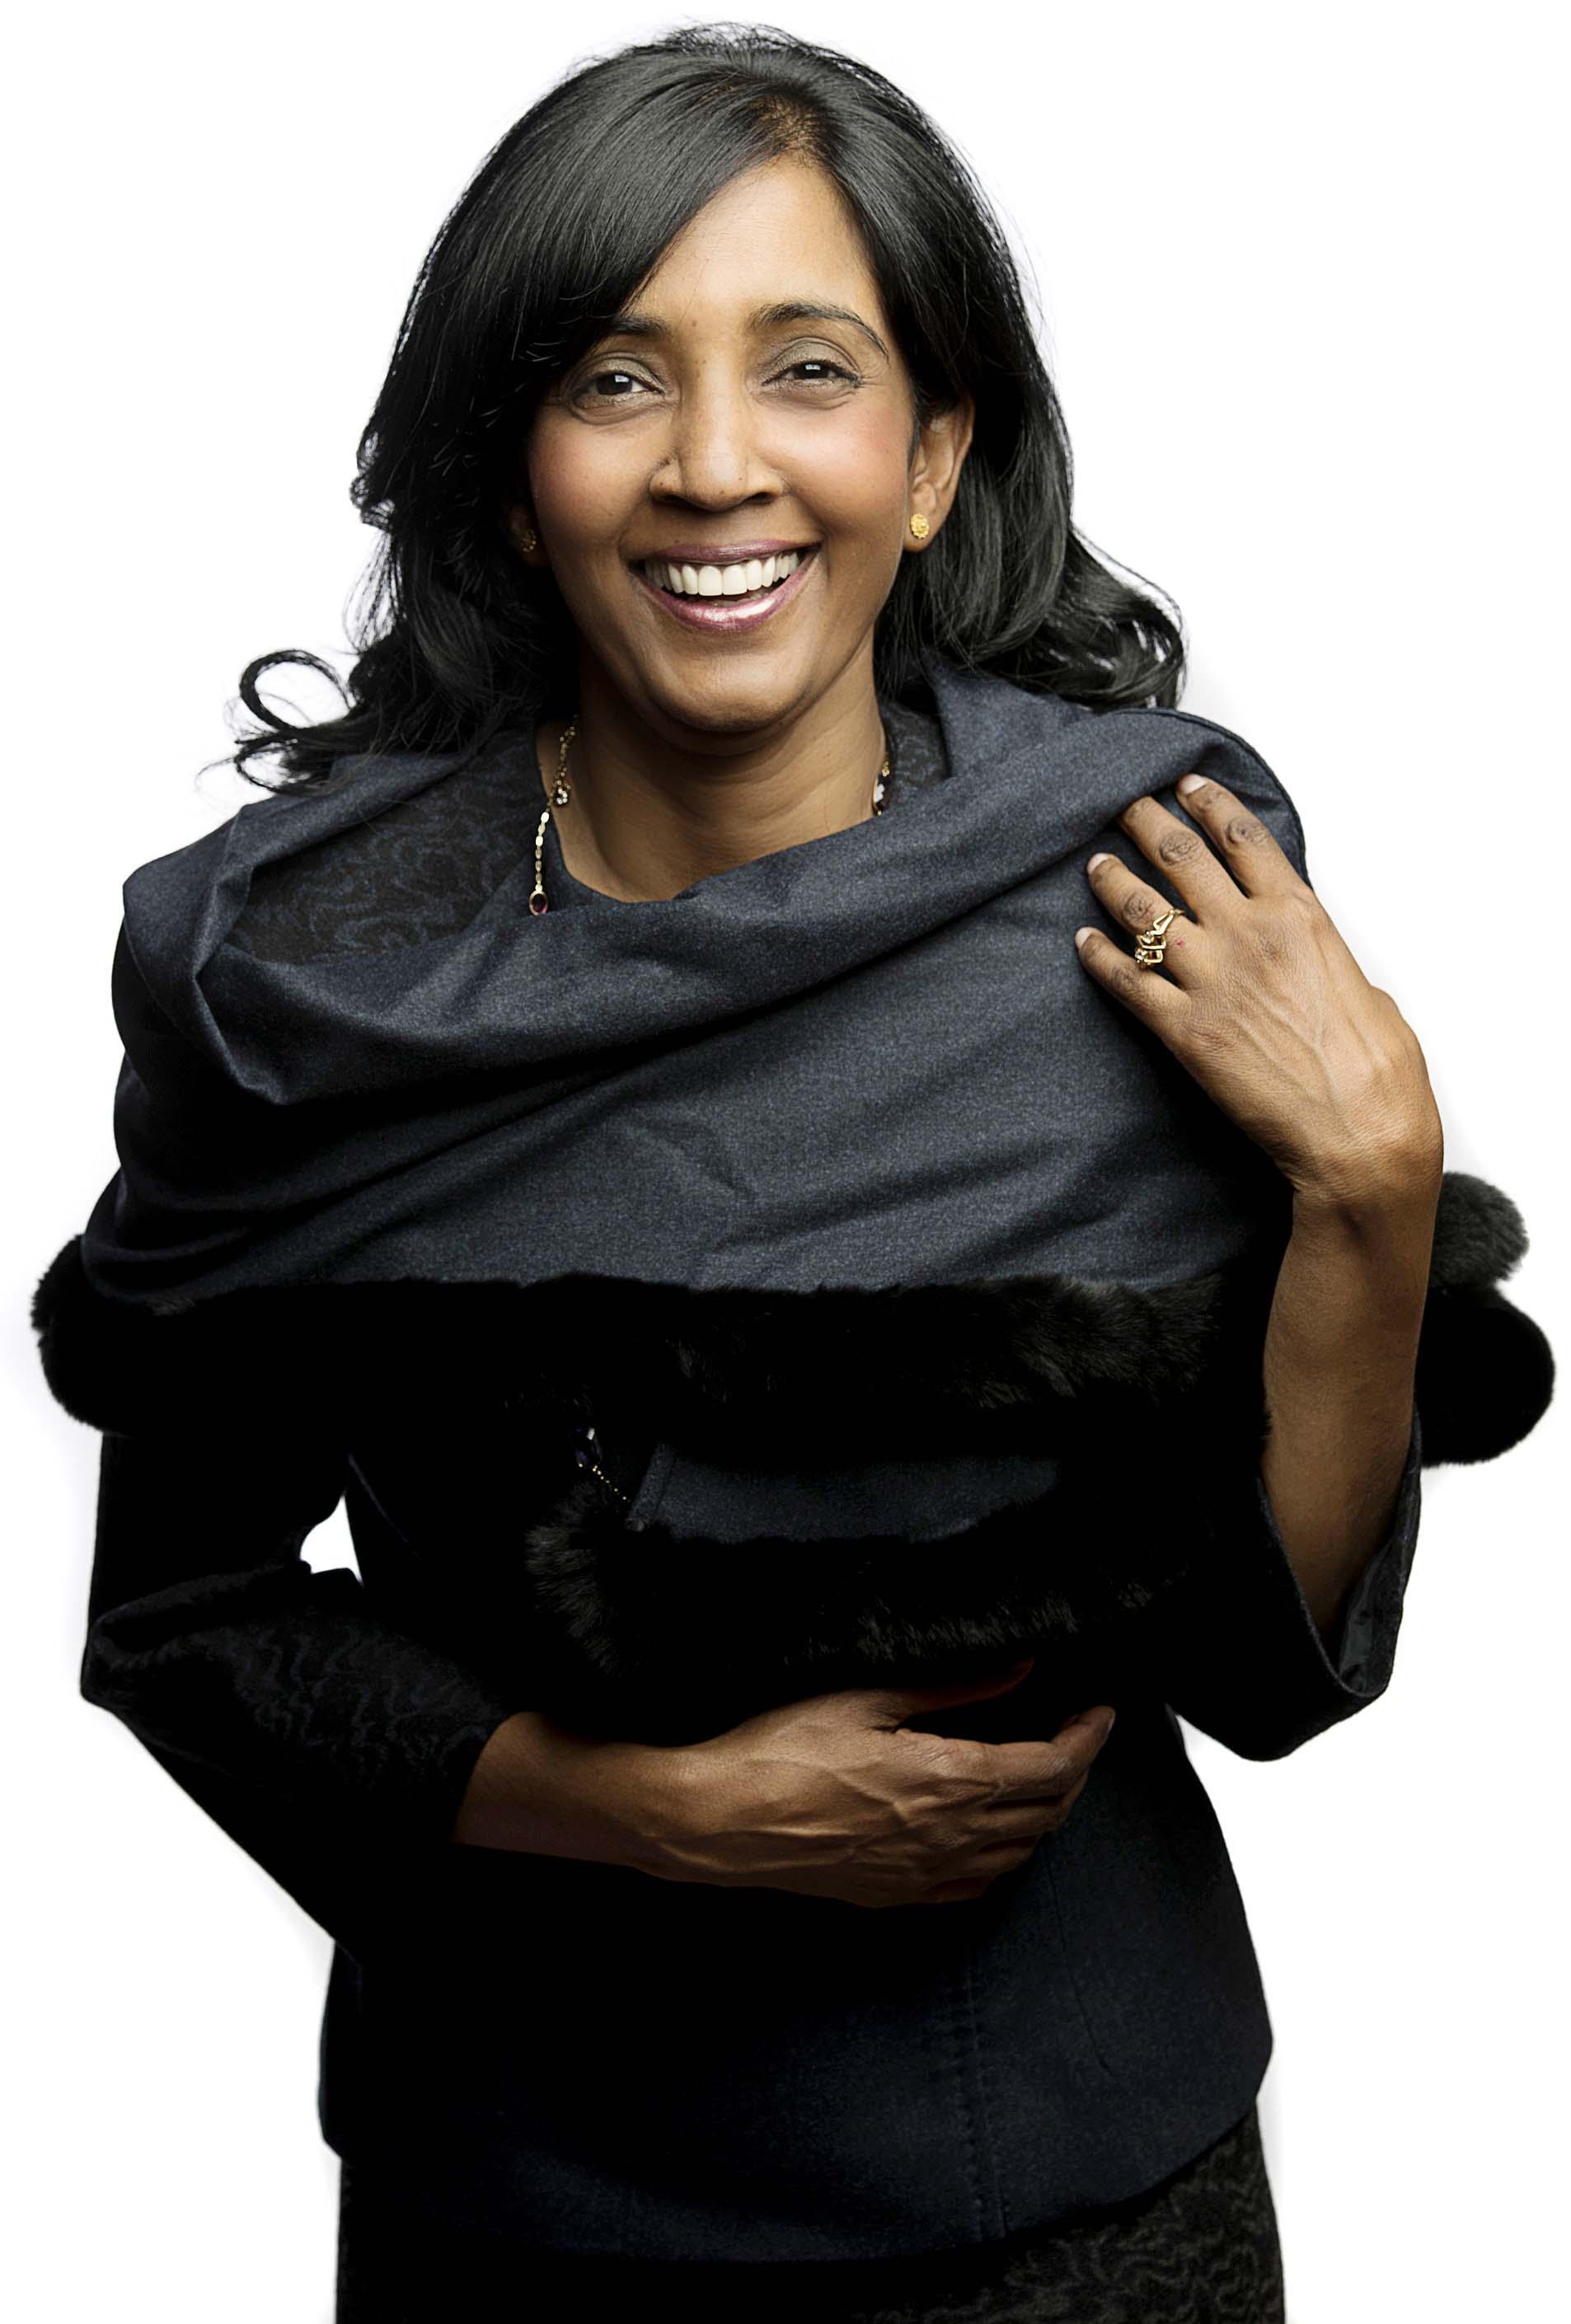 Dr. Nalini Rajamannan